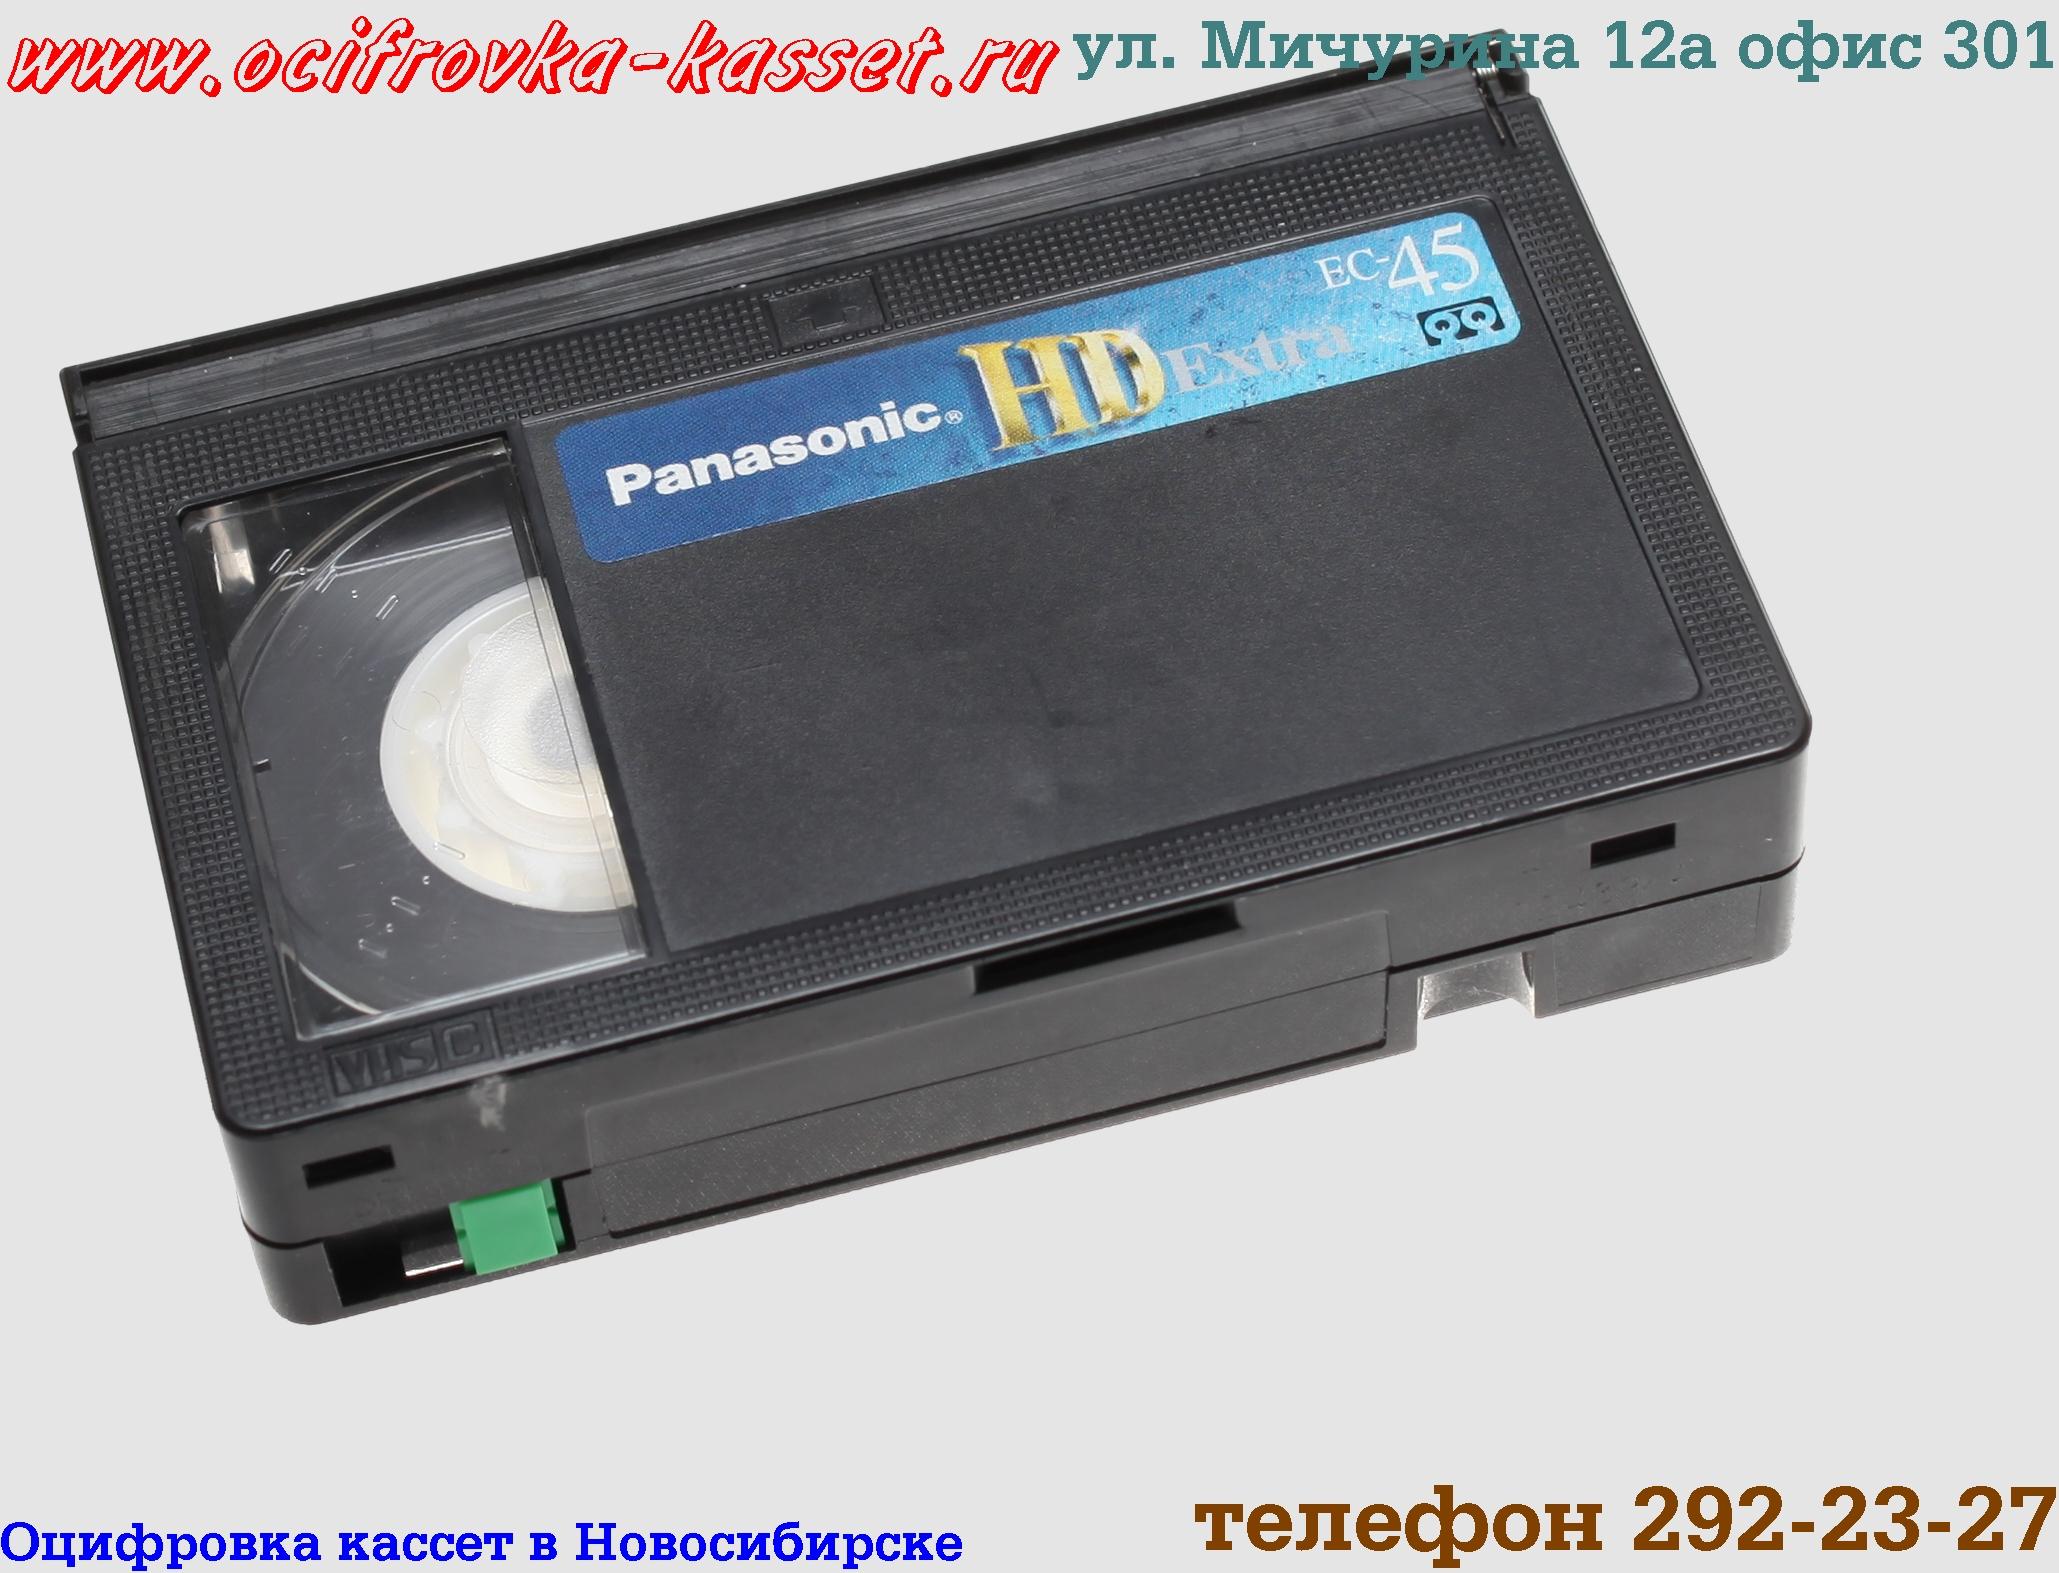 оцифровка vhs Запись с видеокассеты на DVD, флешку или жесткий диск в.